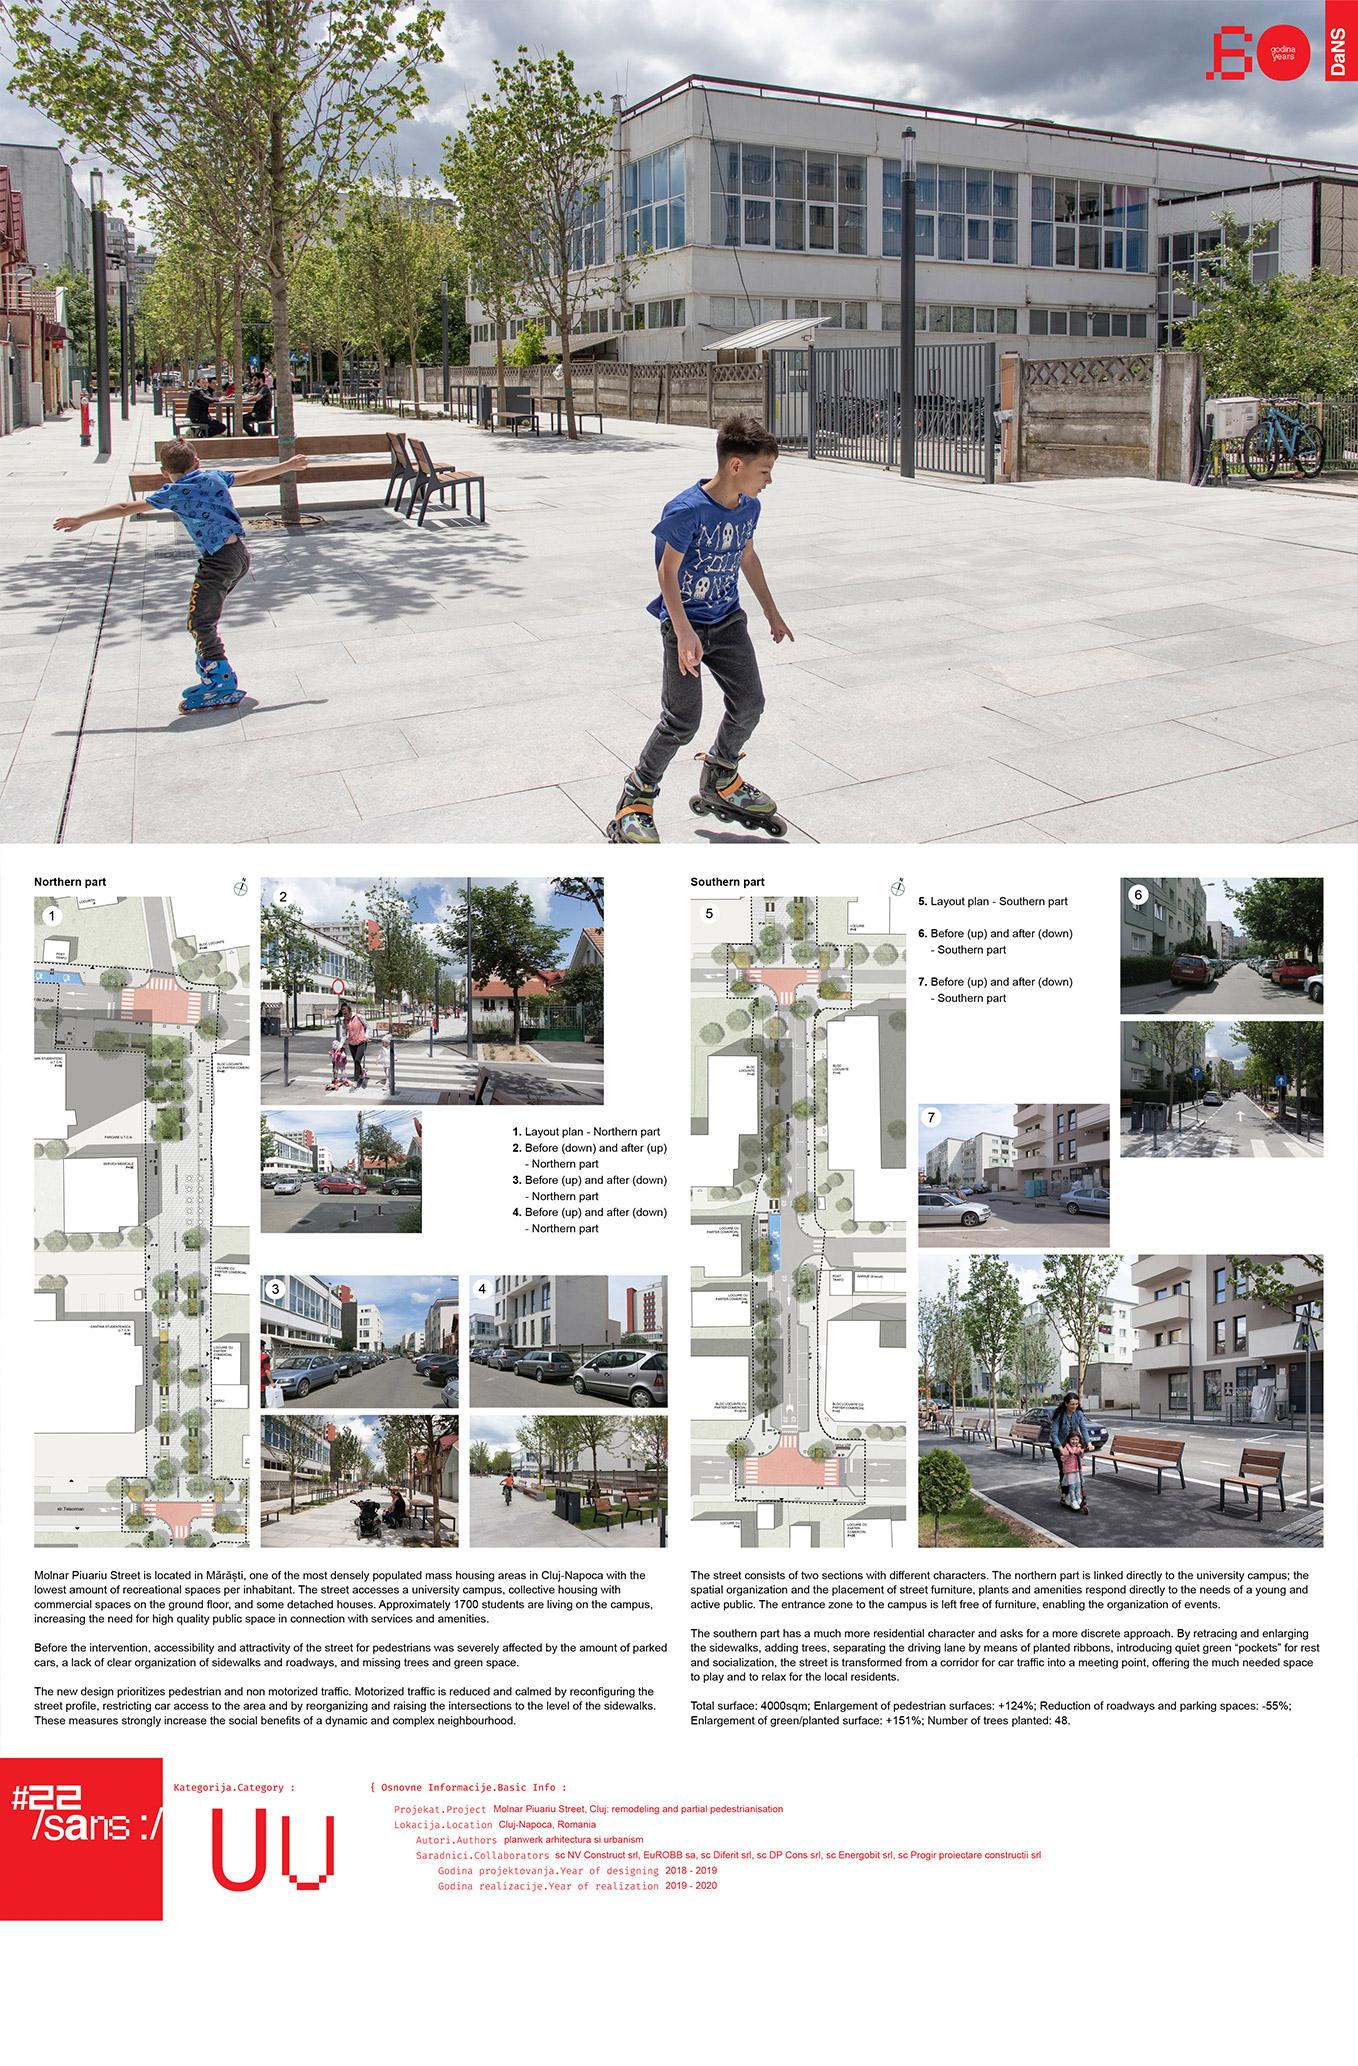 """<p class=""""naslov-br"""">uu01</p>Ulica Molnar Piuariu, Kluž: preprojektovanje i delimično uvođenje pešačke zone // Molnar Piuariu Street, Cluj: remodeling and creating a partial pedestrian zone"""